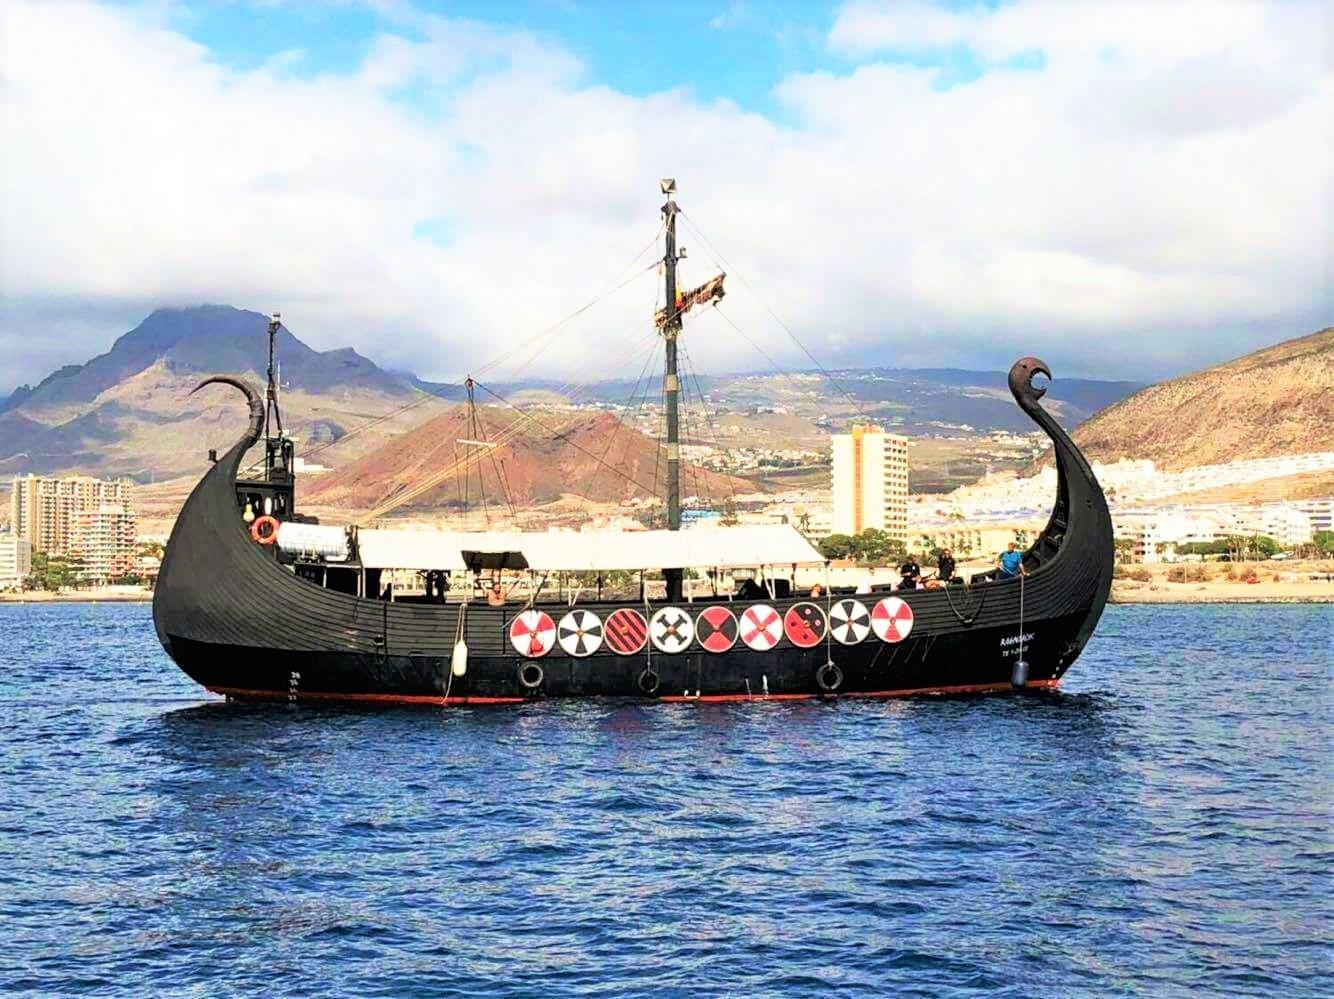 3-urni izlet z vikinško ladjo na Tenerife